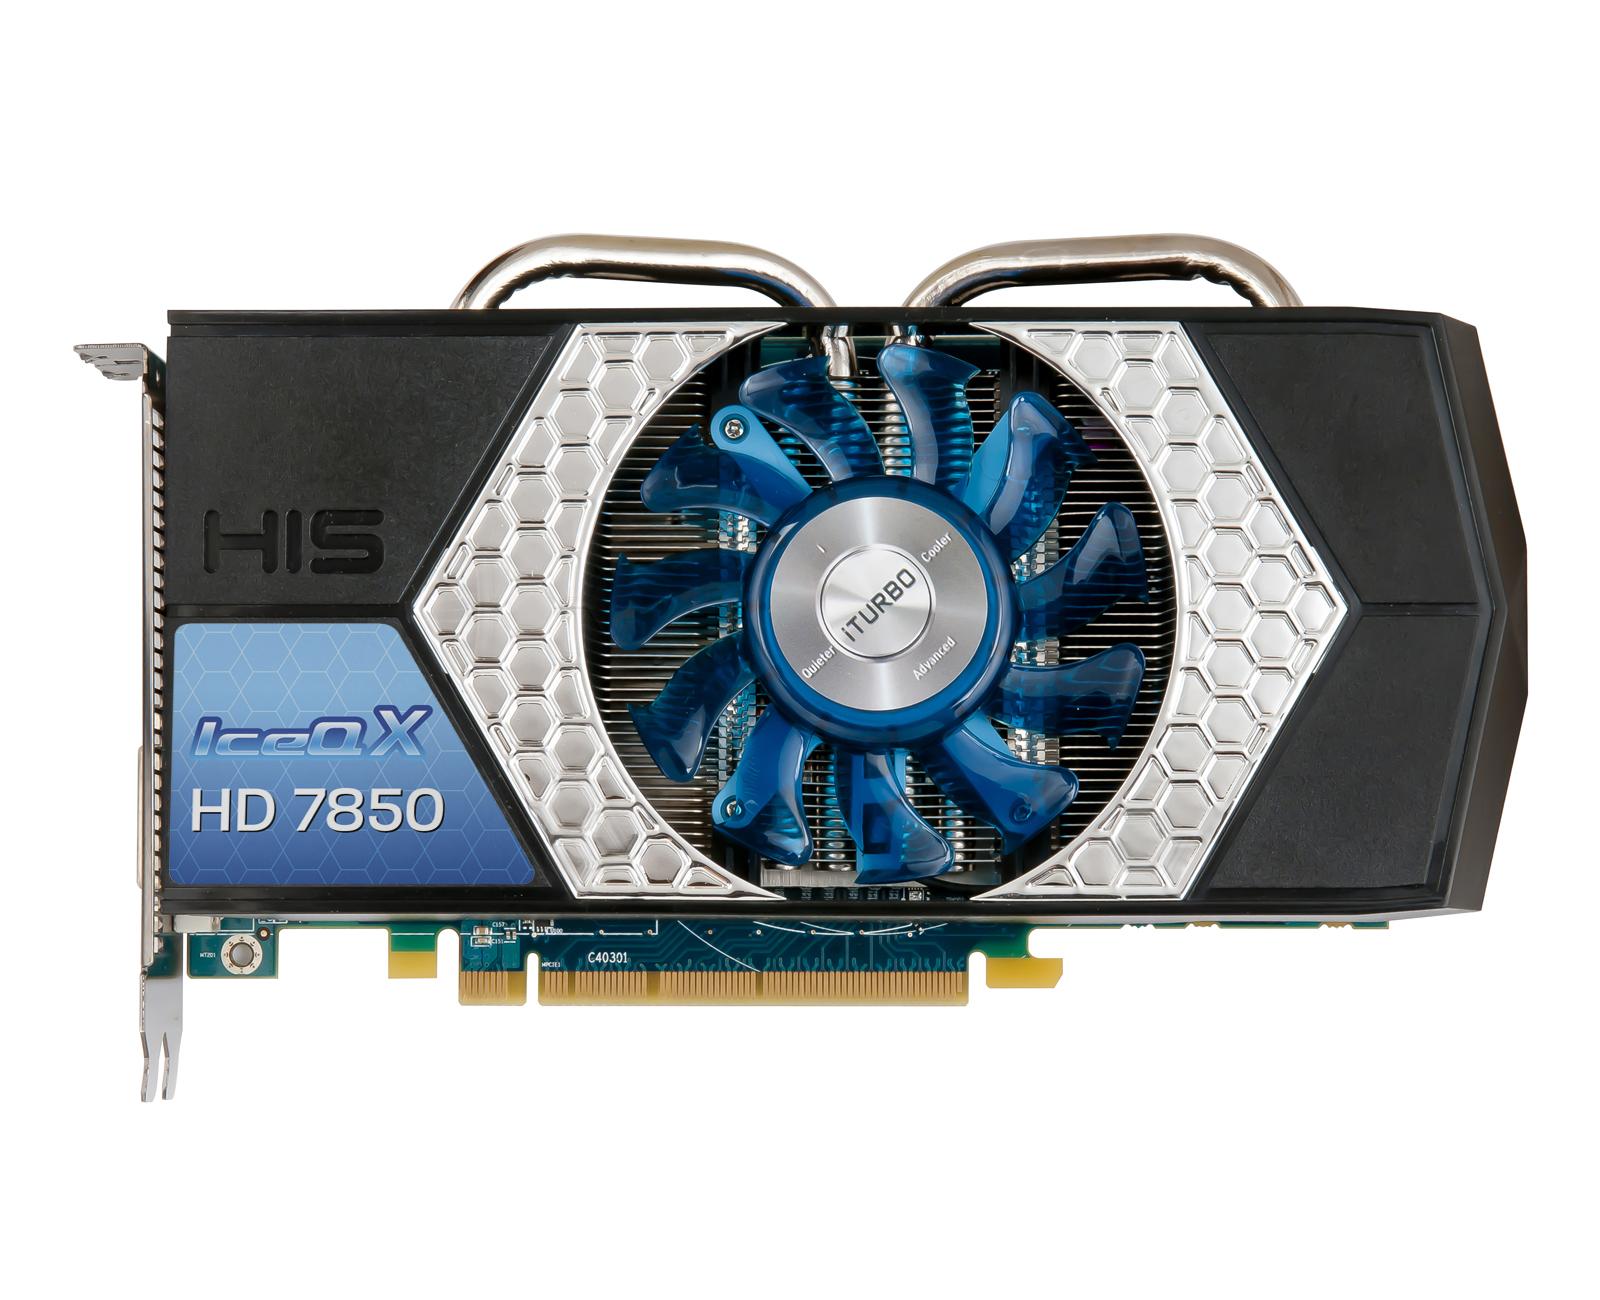 Radeon hd 7850 драйвера скачать бесплатно